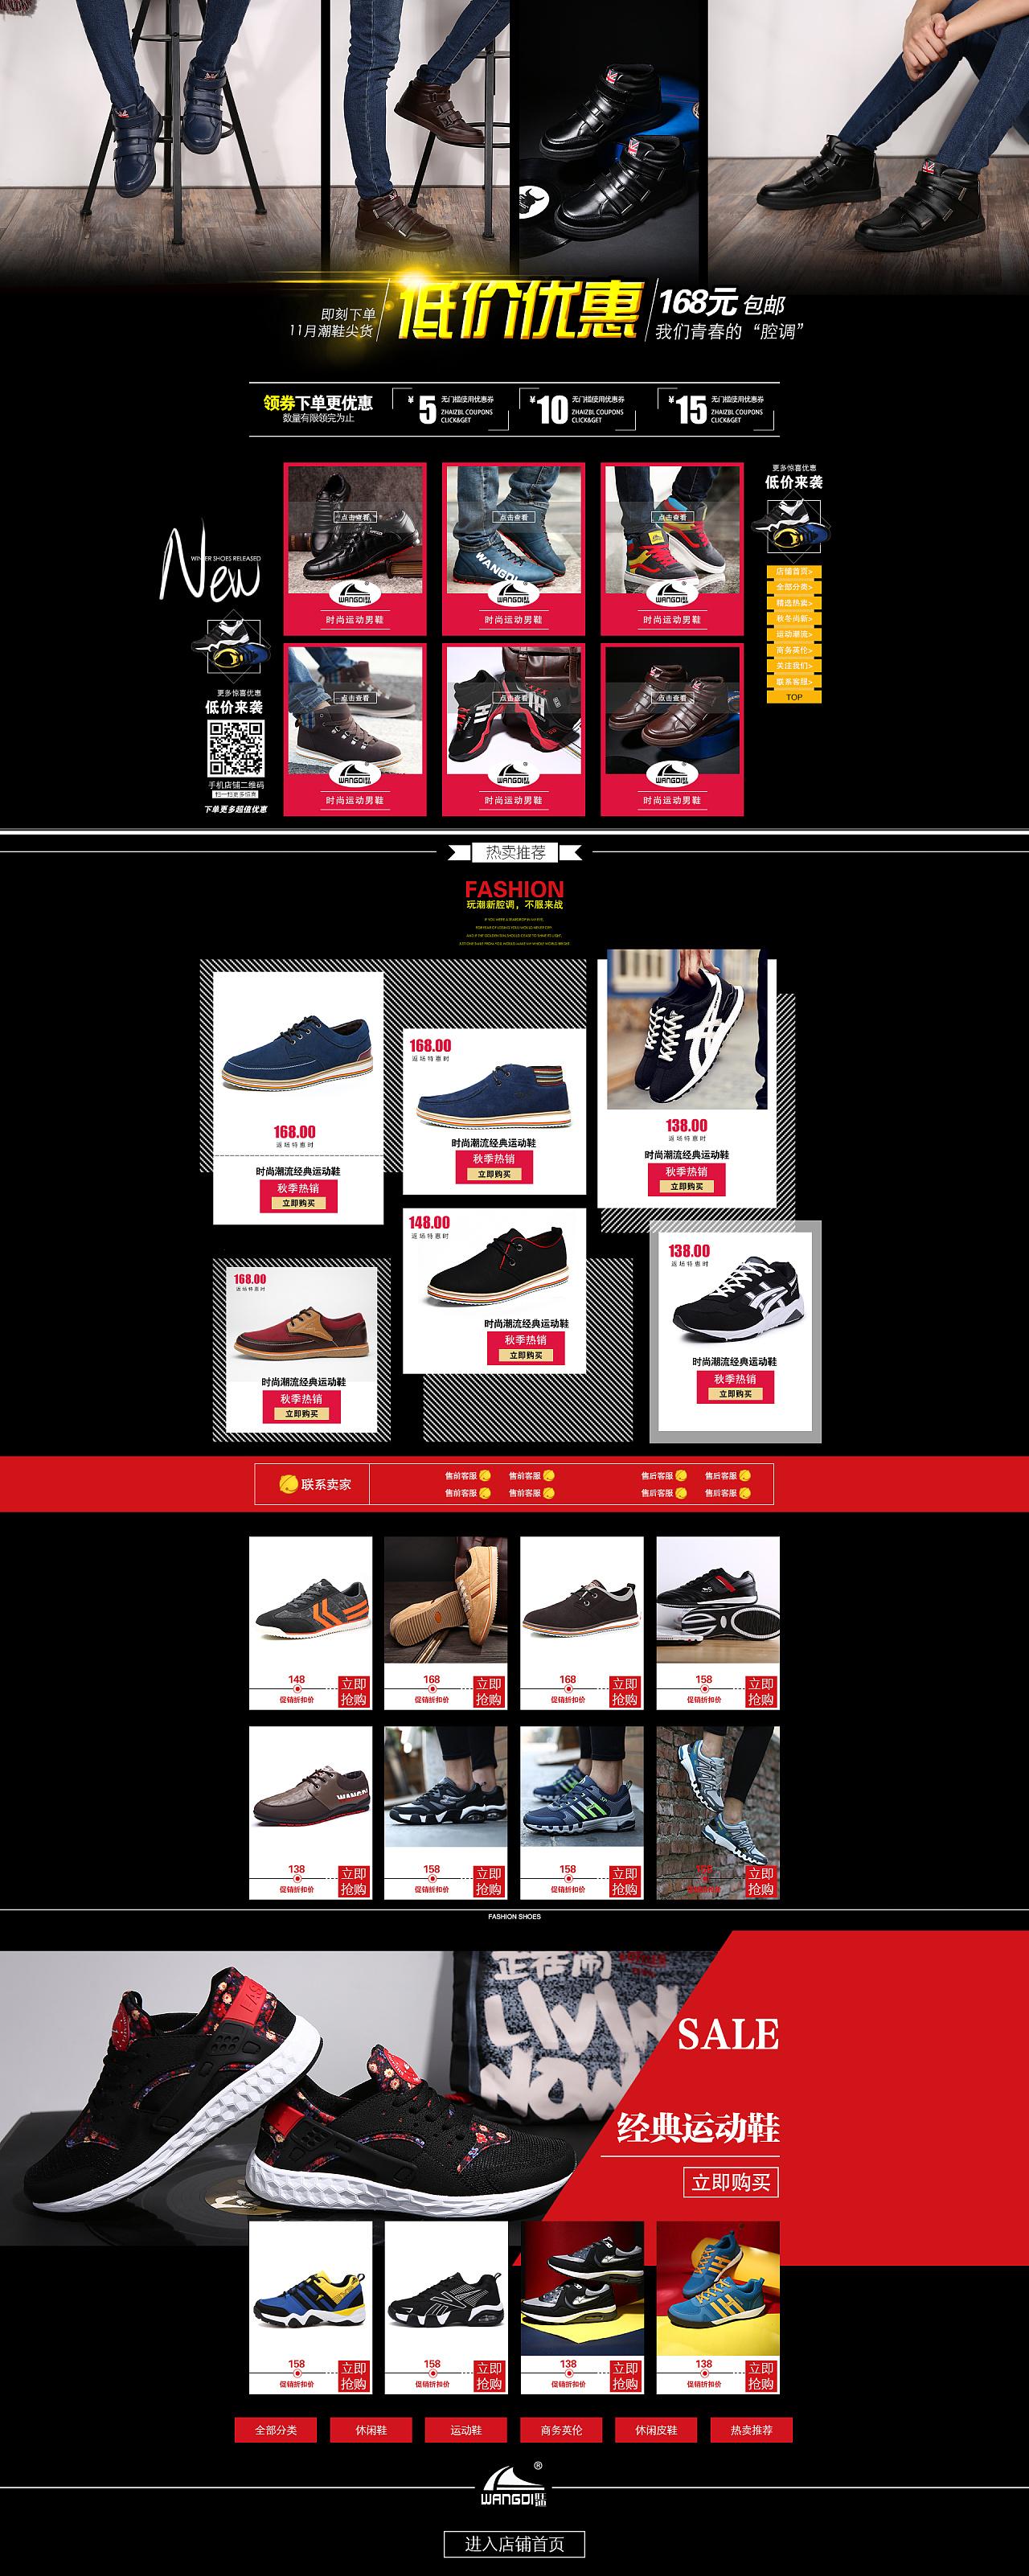 京东商城男鞋主会场双十一返场低价促销专题活动页面设计 电商运动鞋图片